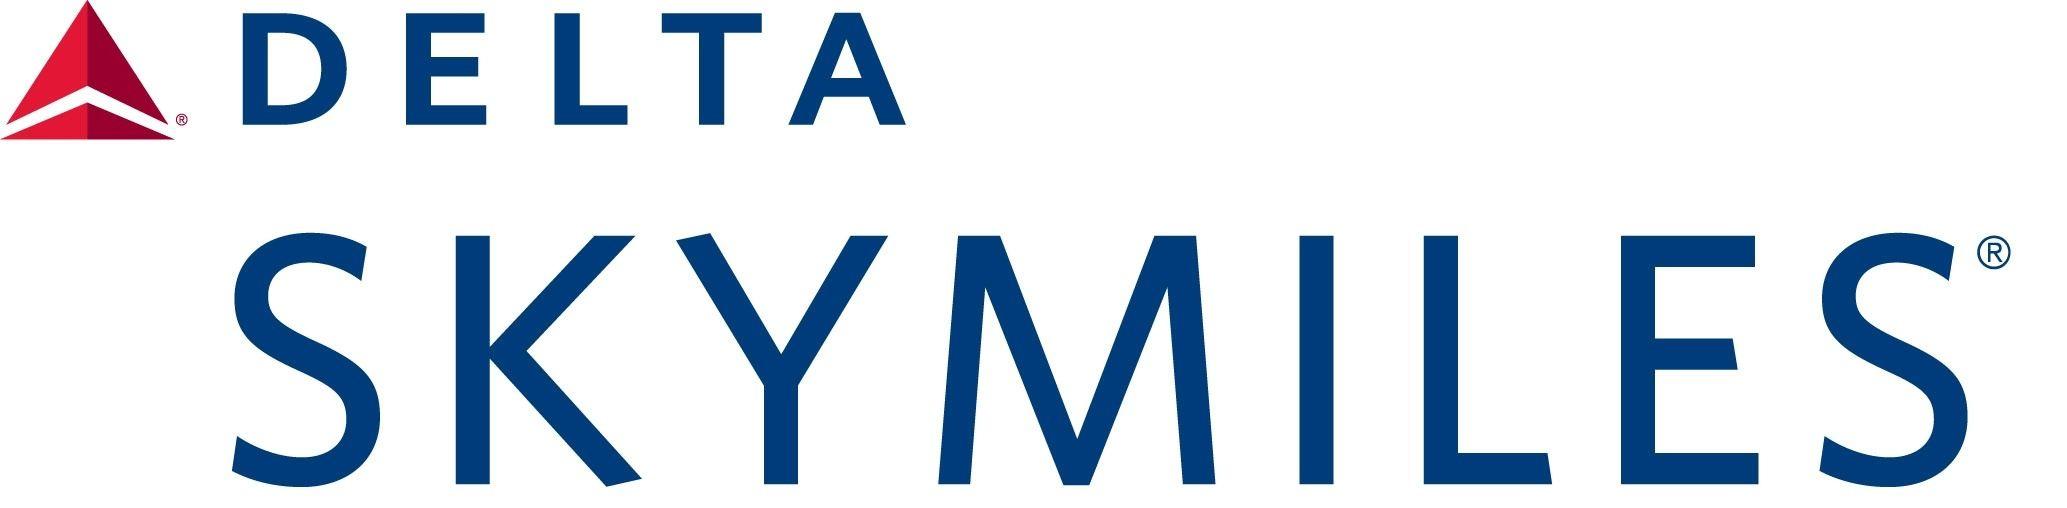 Delta_Skymiles_Logo